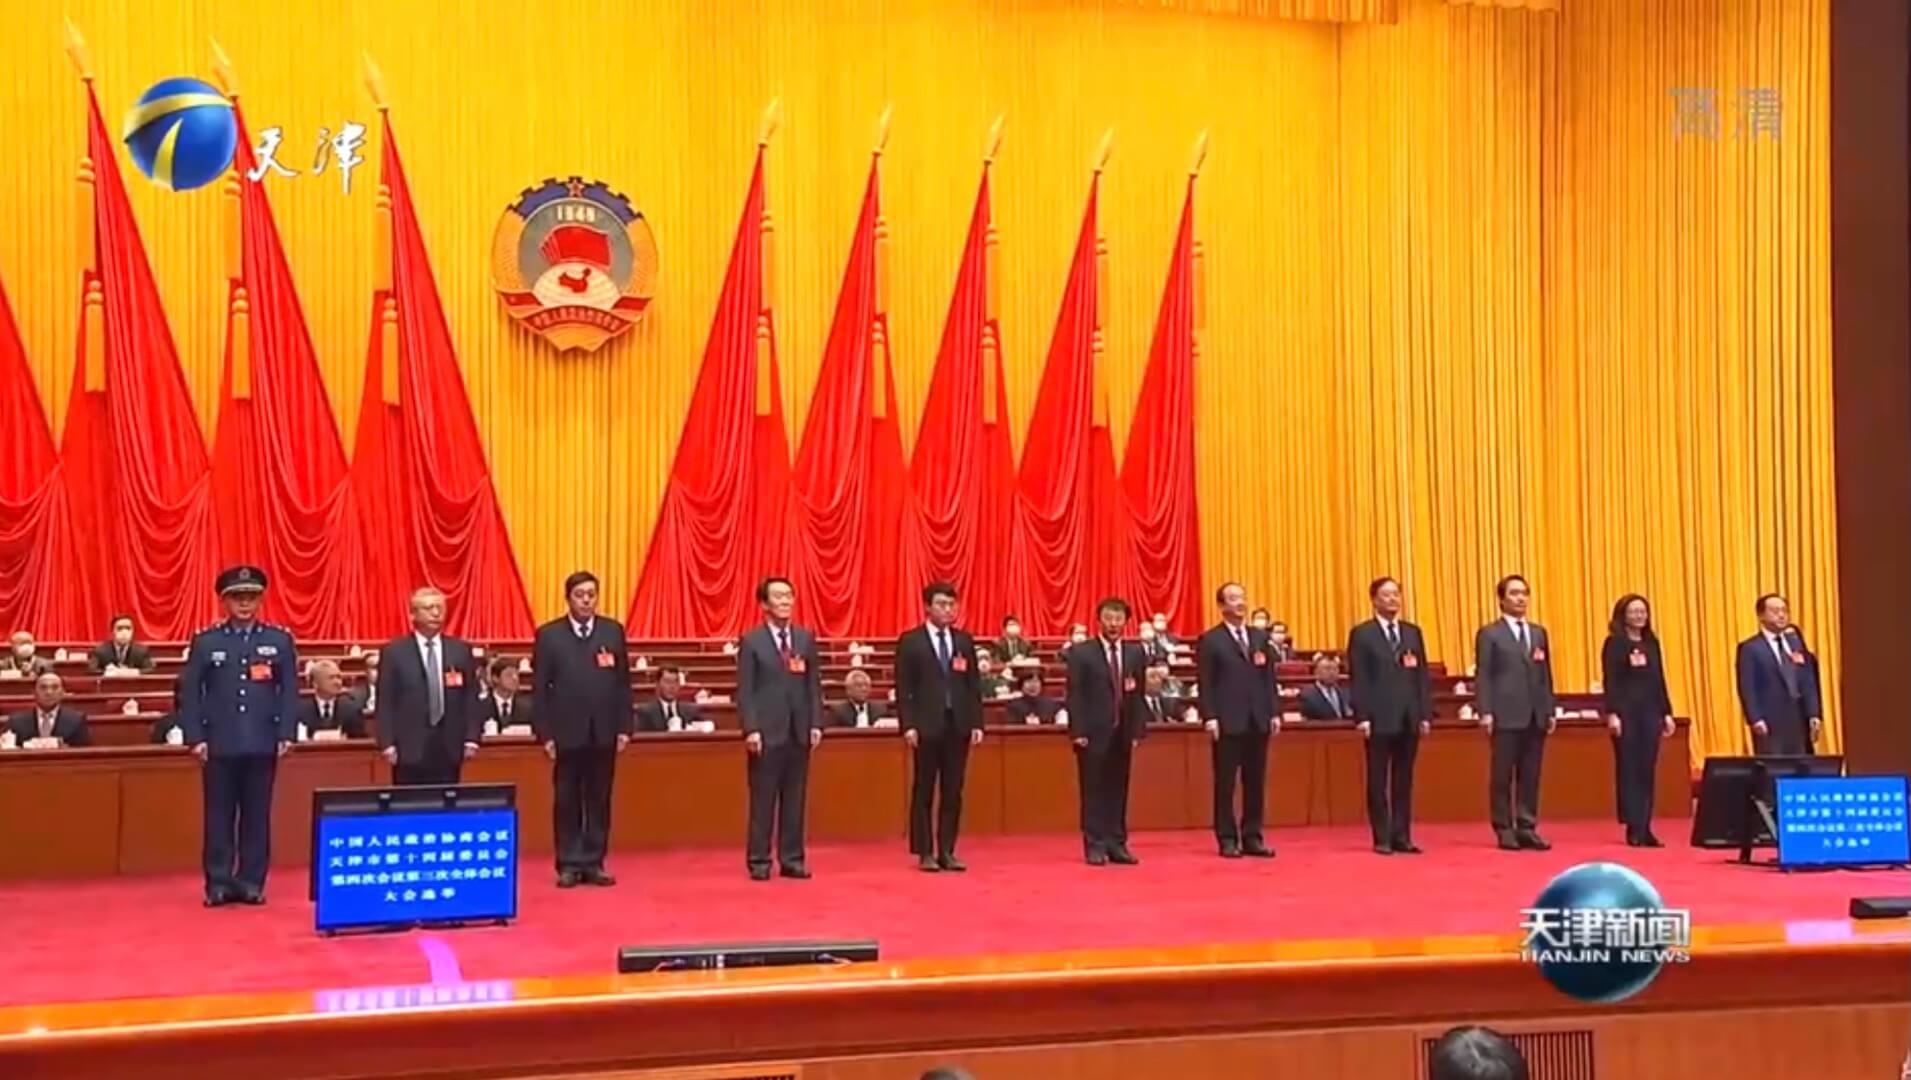 云账户董事长当选天津市政协常务委员